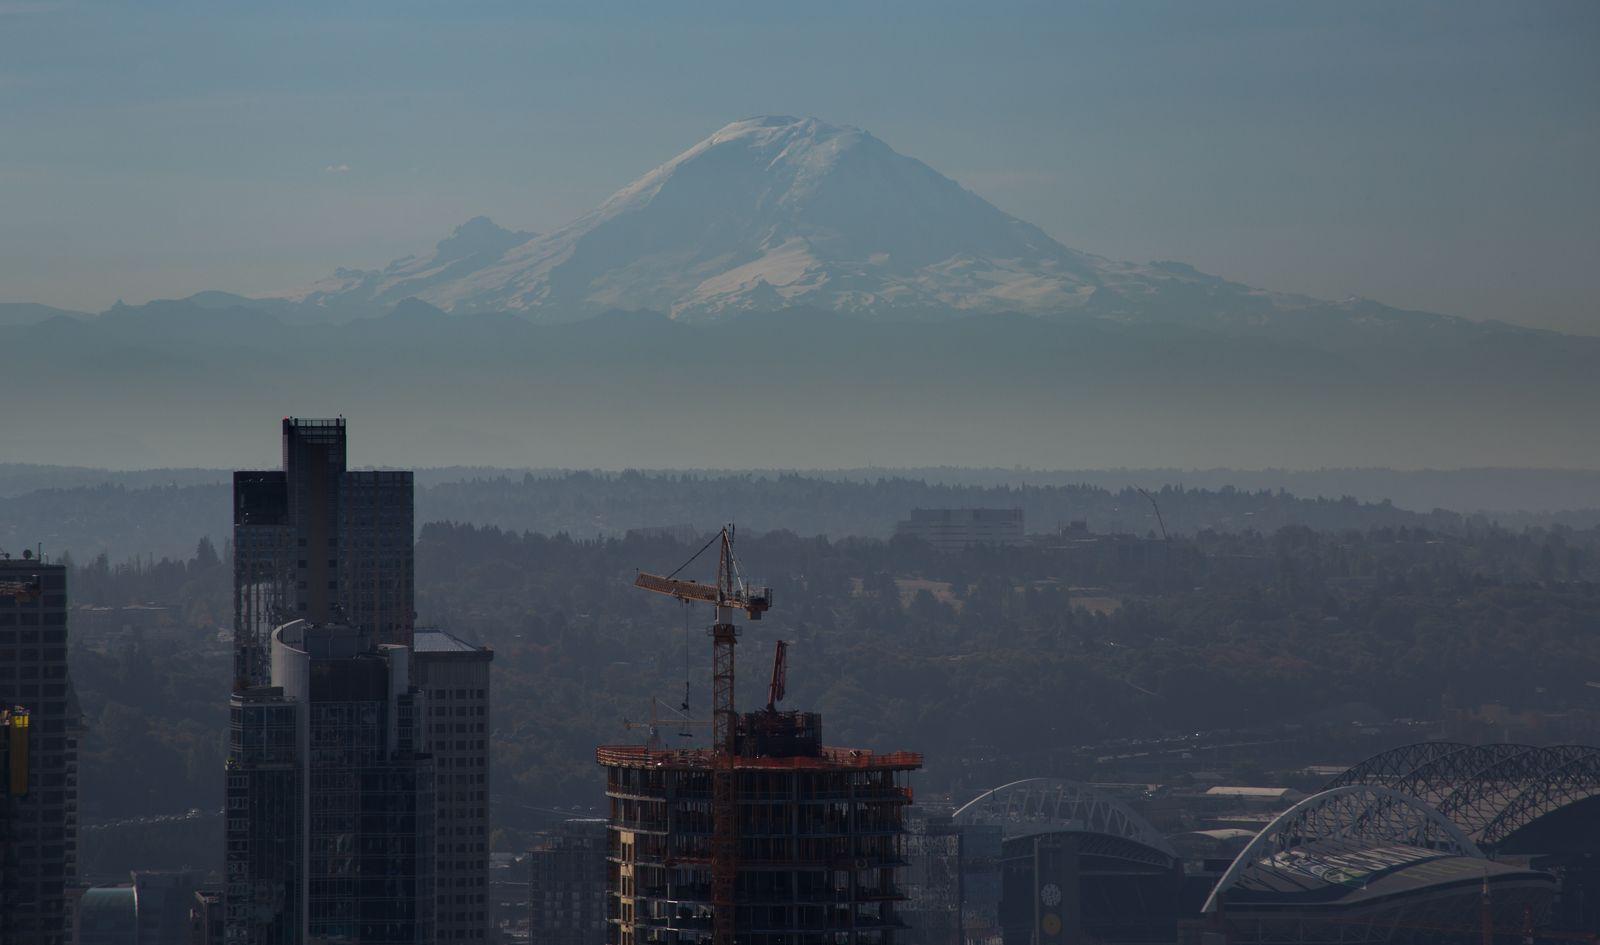 Y otra vez el majestuoso Mount Rainier